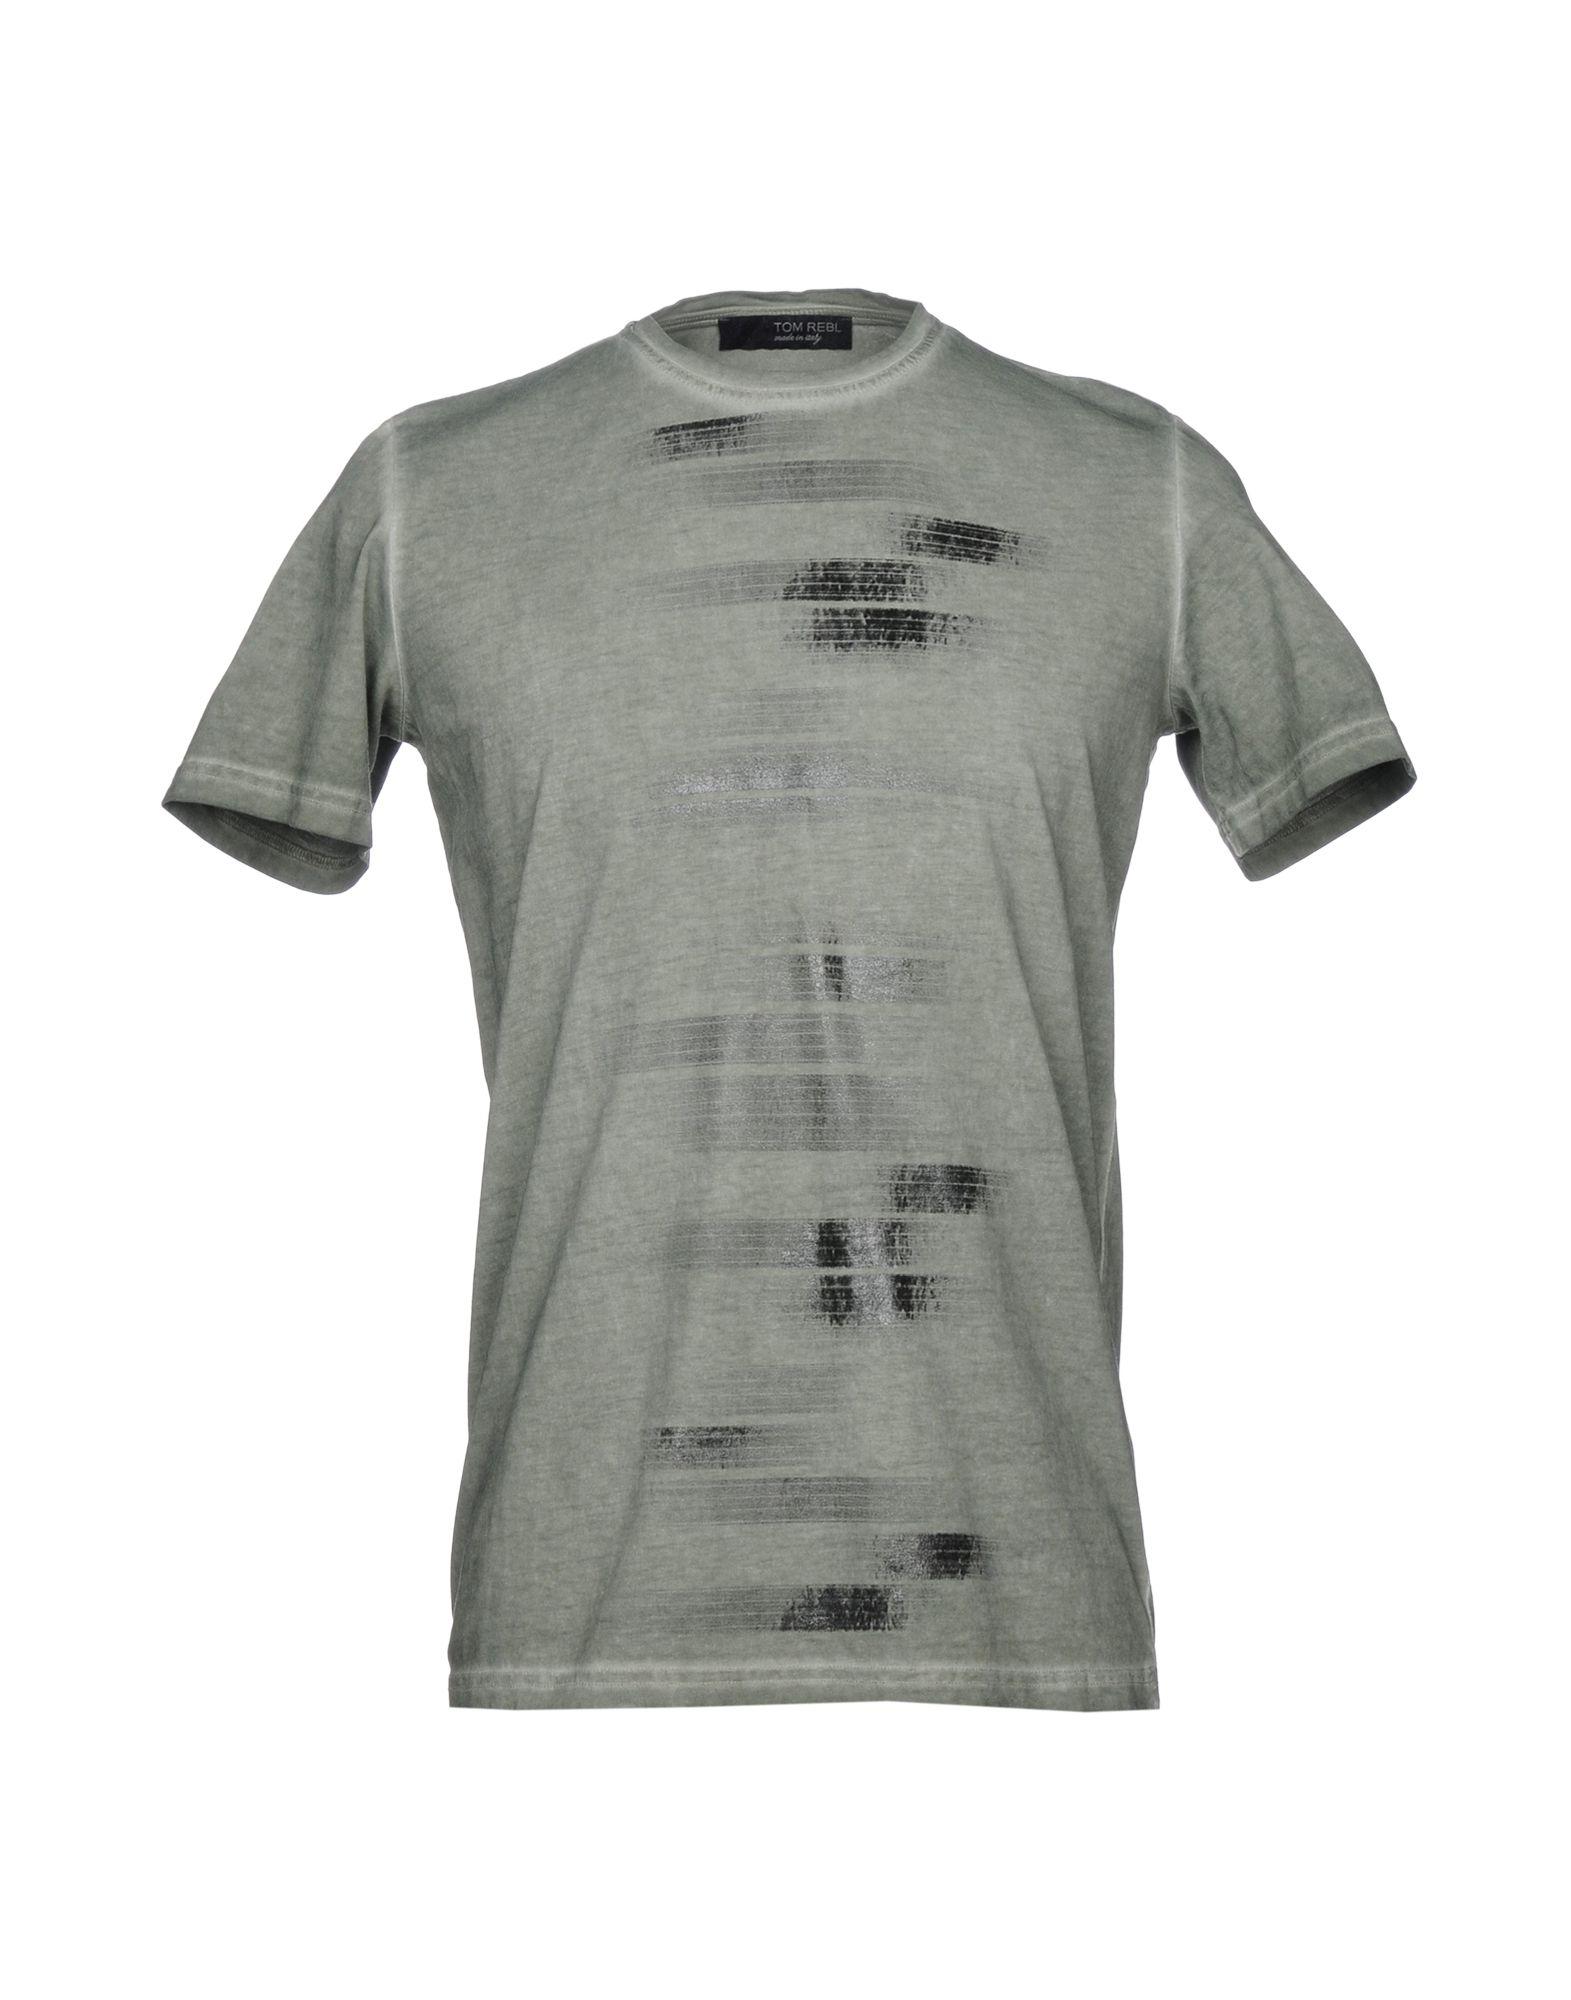 T-Shirt T-Shirt T-Shirt Tom Rebl Uomo - 12174559BV 33fd3c